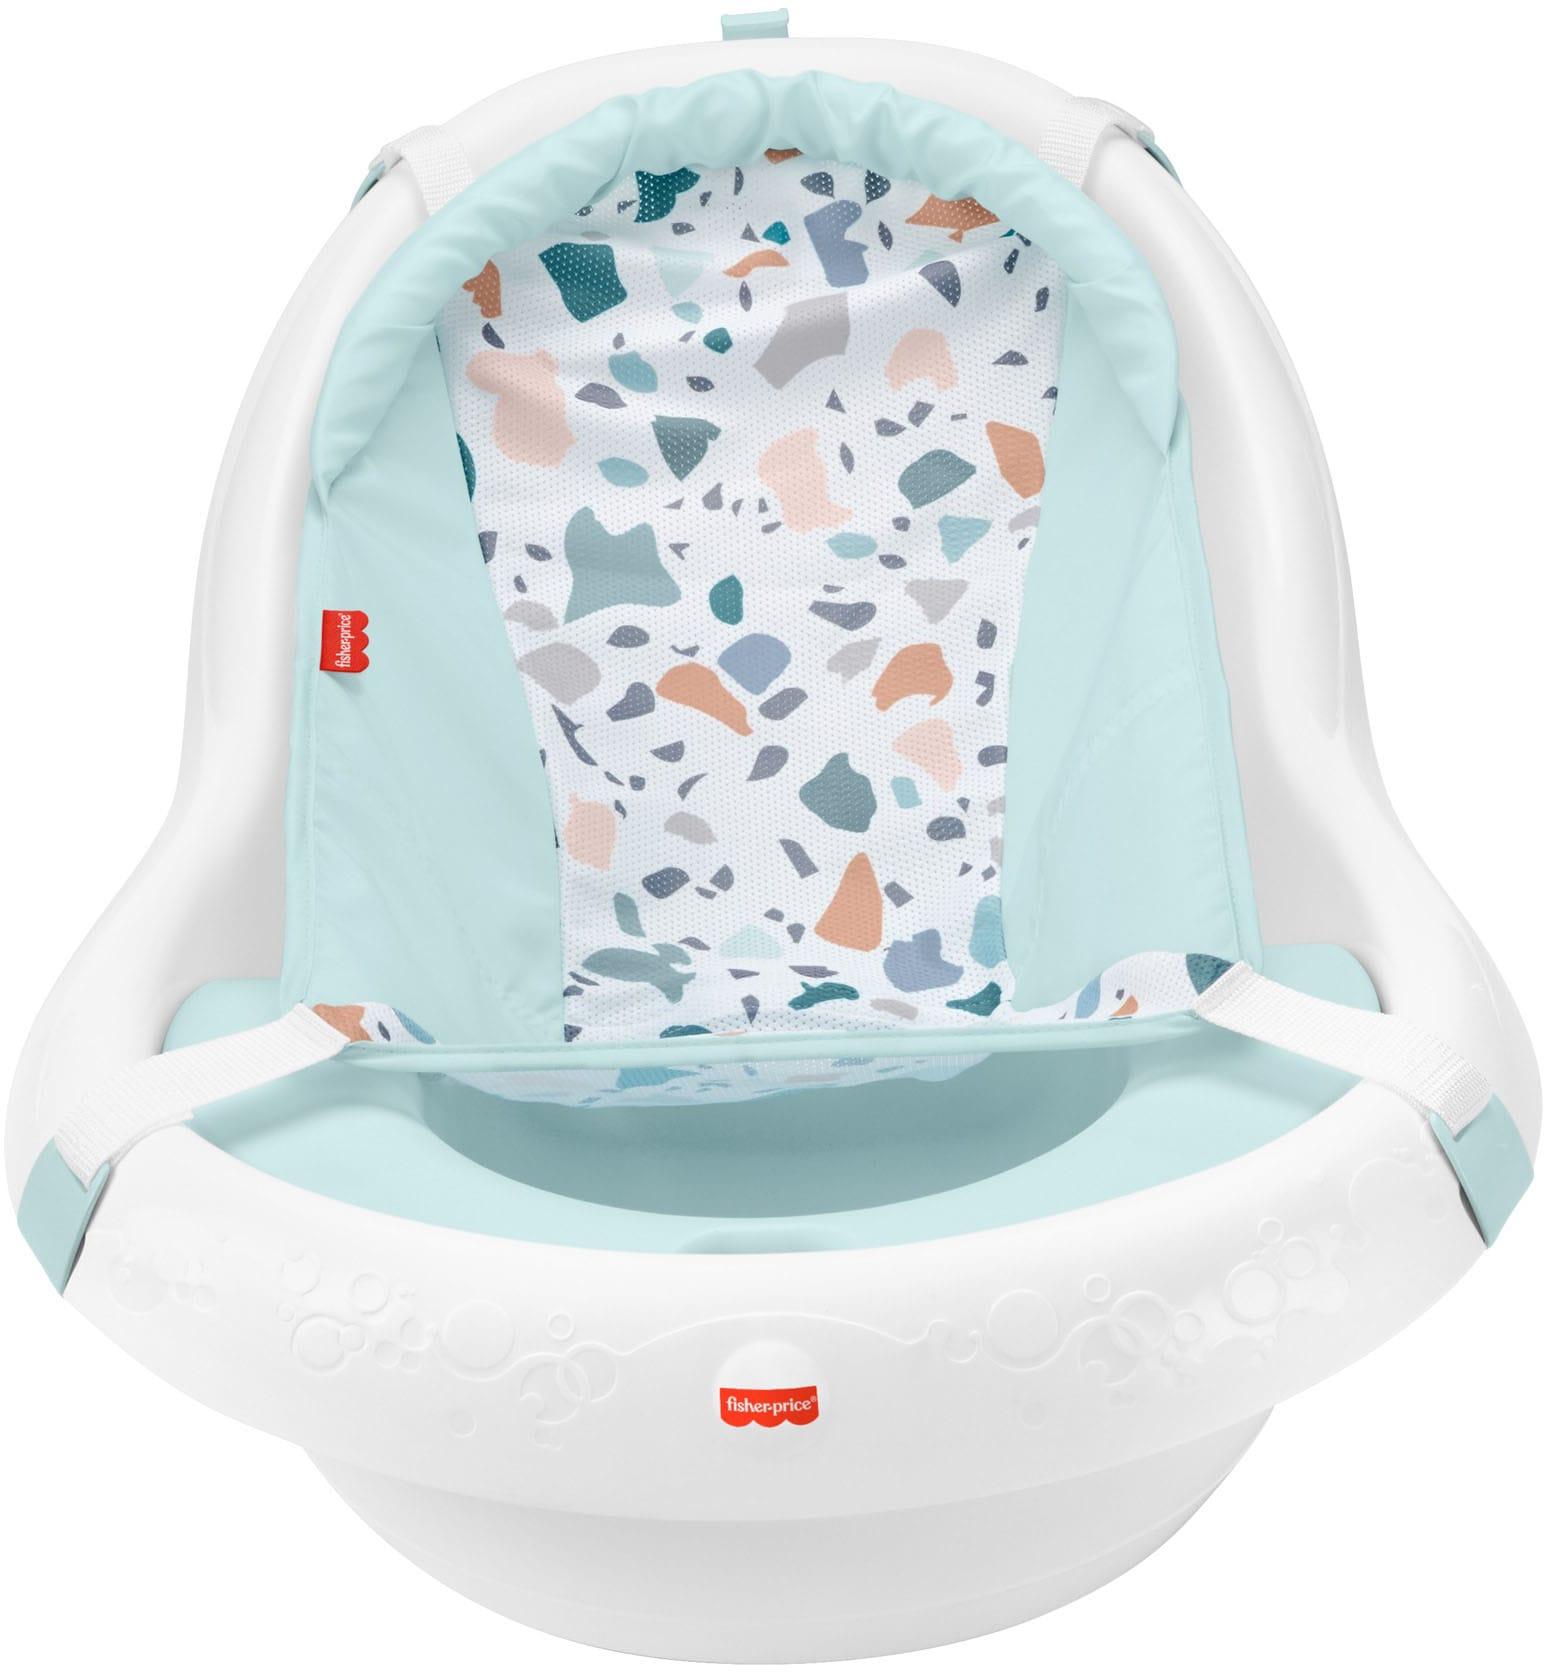 Fisher-Price Babywanne 4-in-1 Baby-Badewanne bunt Baby Babybadewannen baden Körperpflege Gesundheit Badewannen